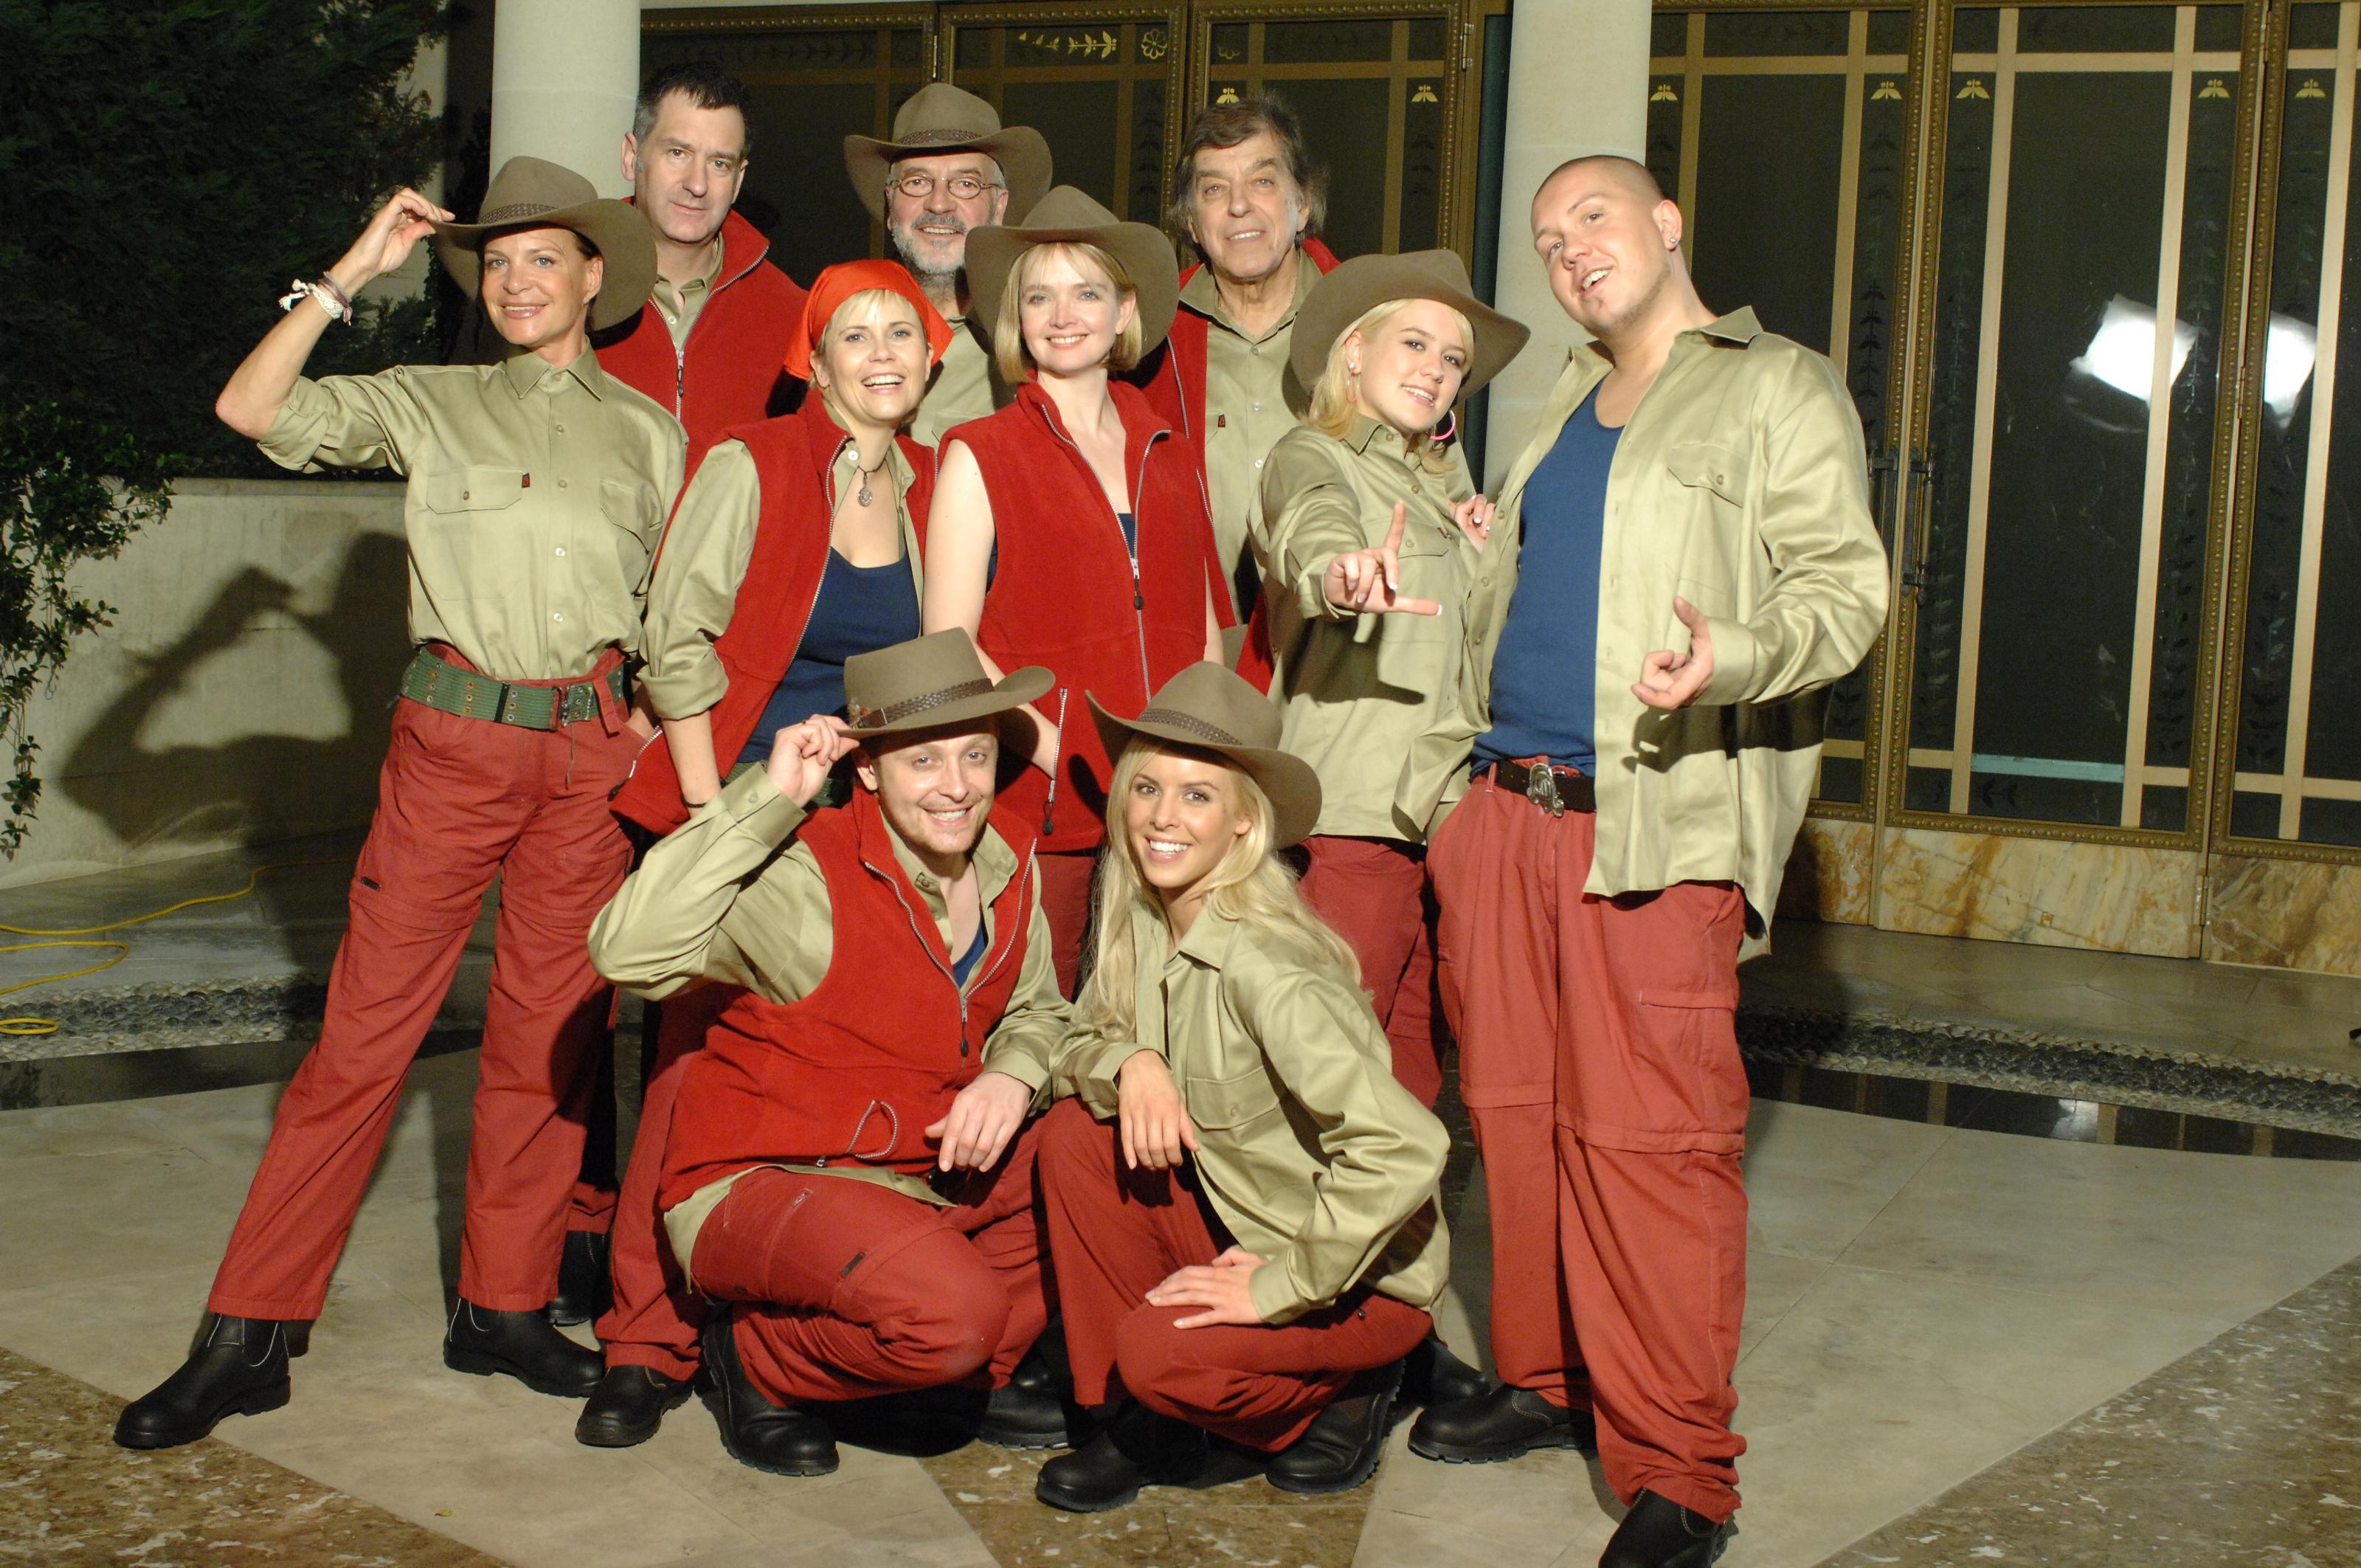 Dschungelcamp 2007